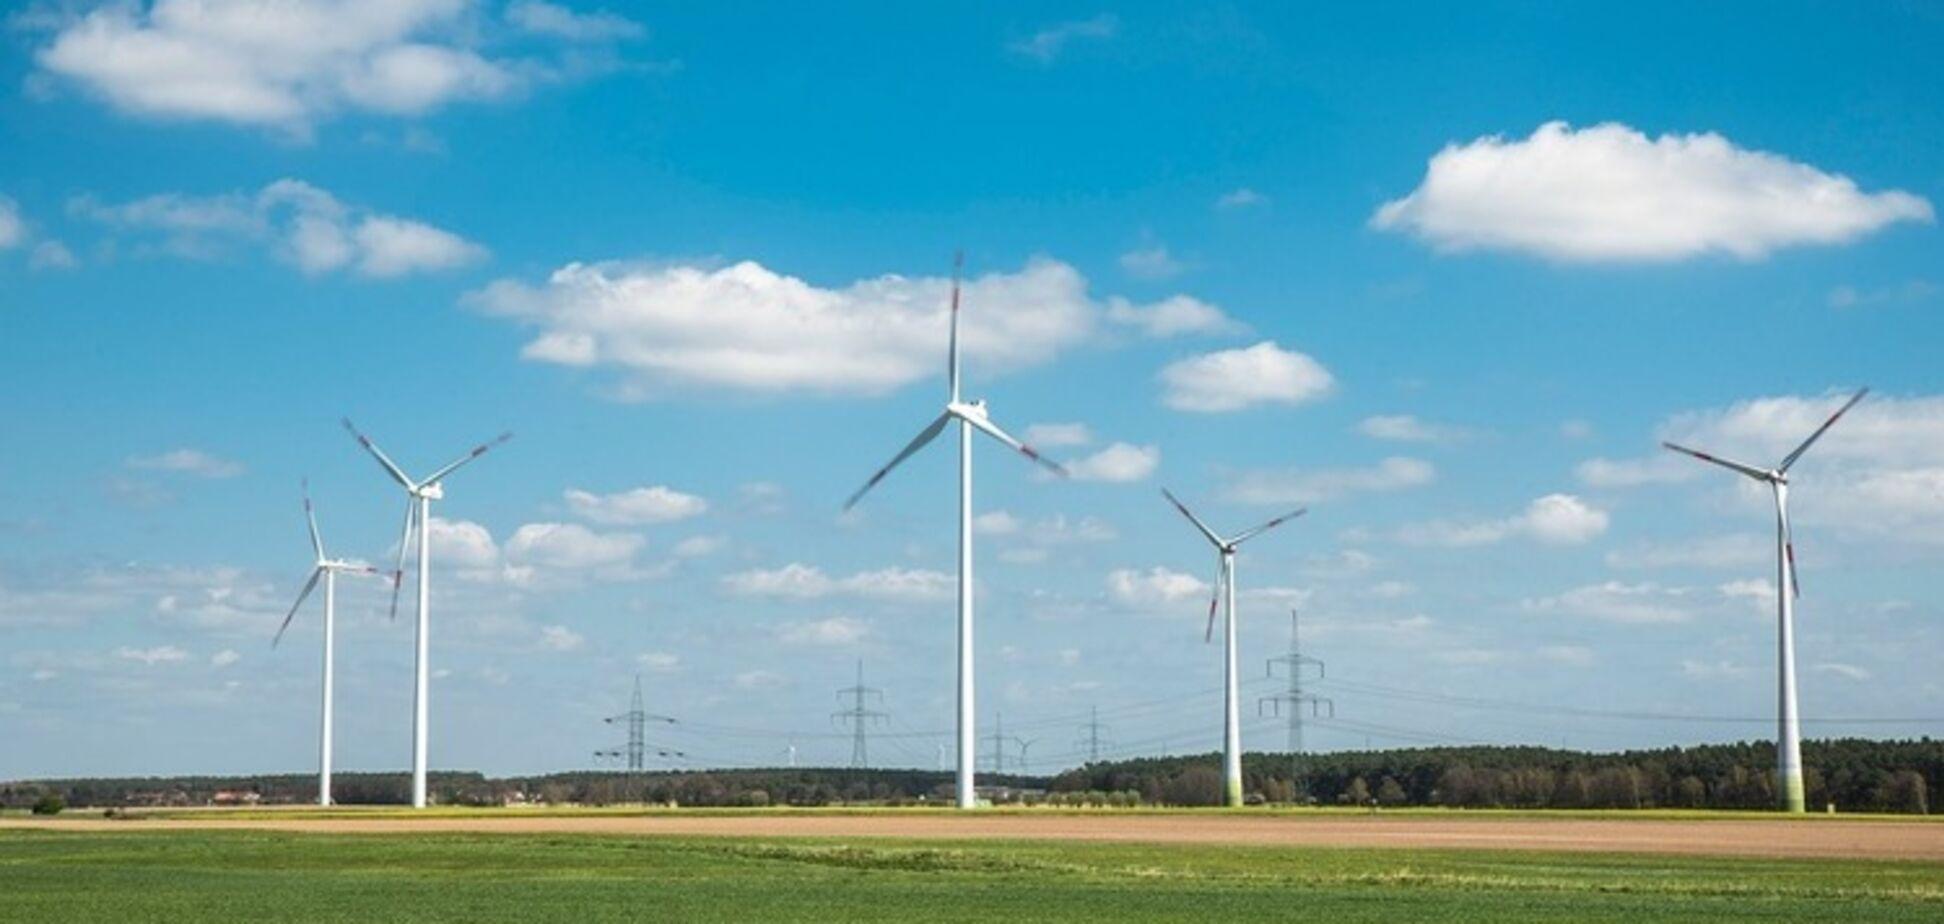 Украина оказалась предпоследней в Европе по развитию 'зеленой' энергетики – СМИ